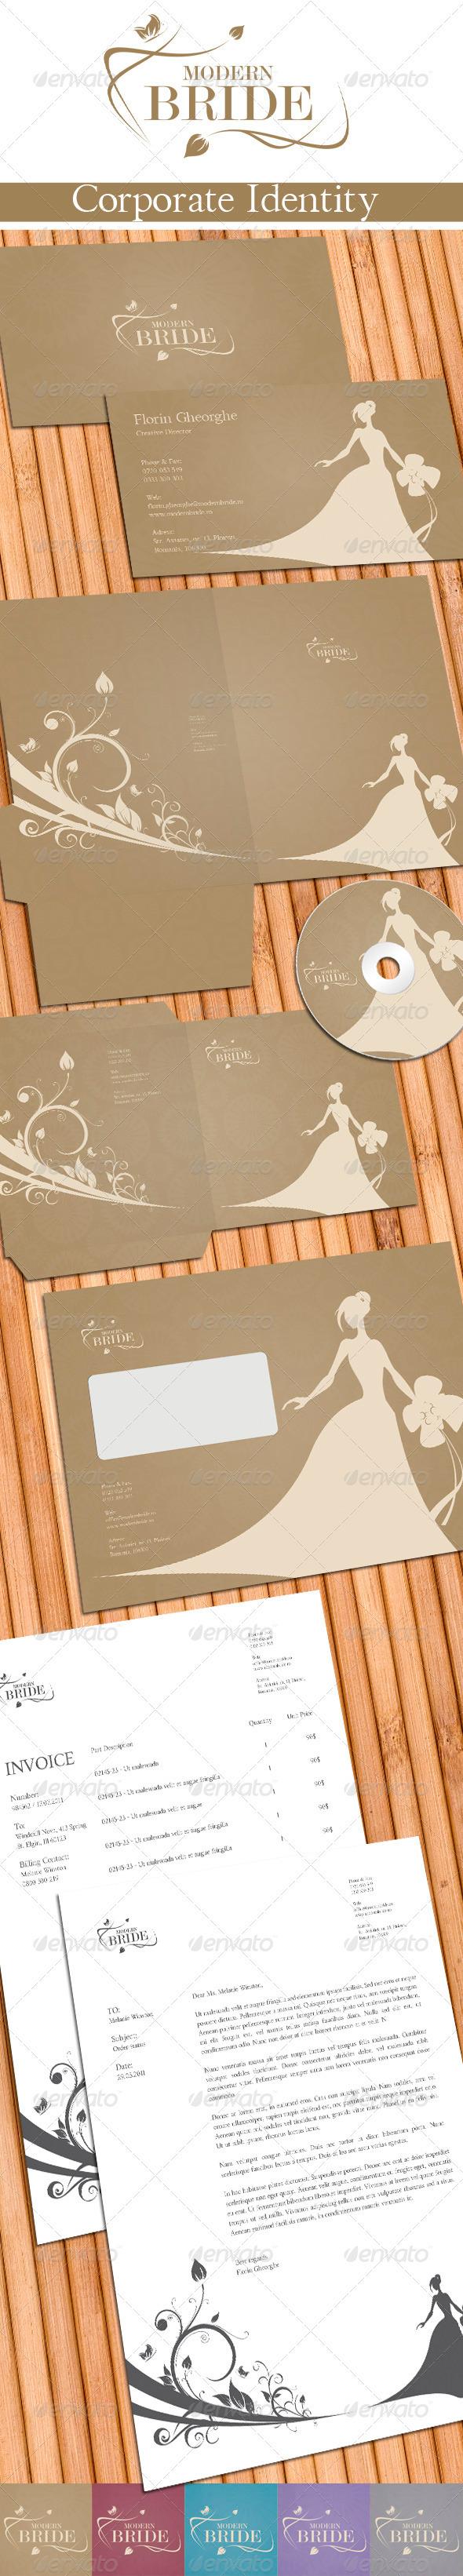 GraphicRiver Modern Bride Corporate Identity 550109